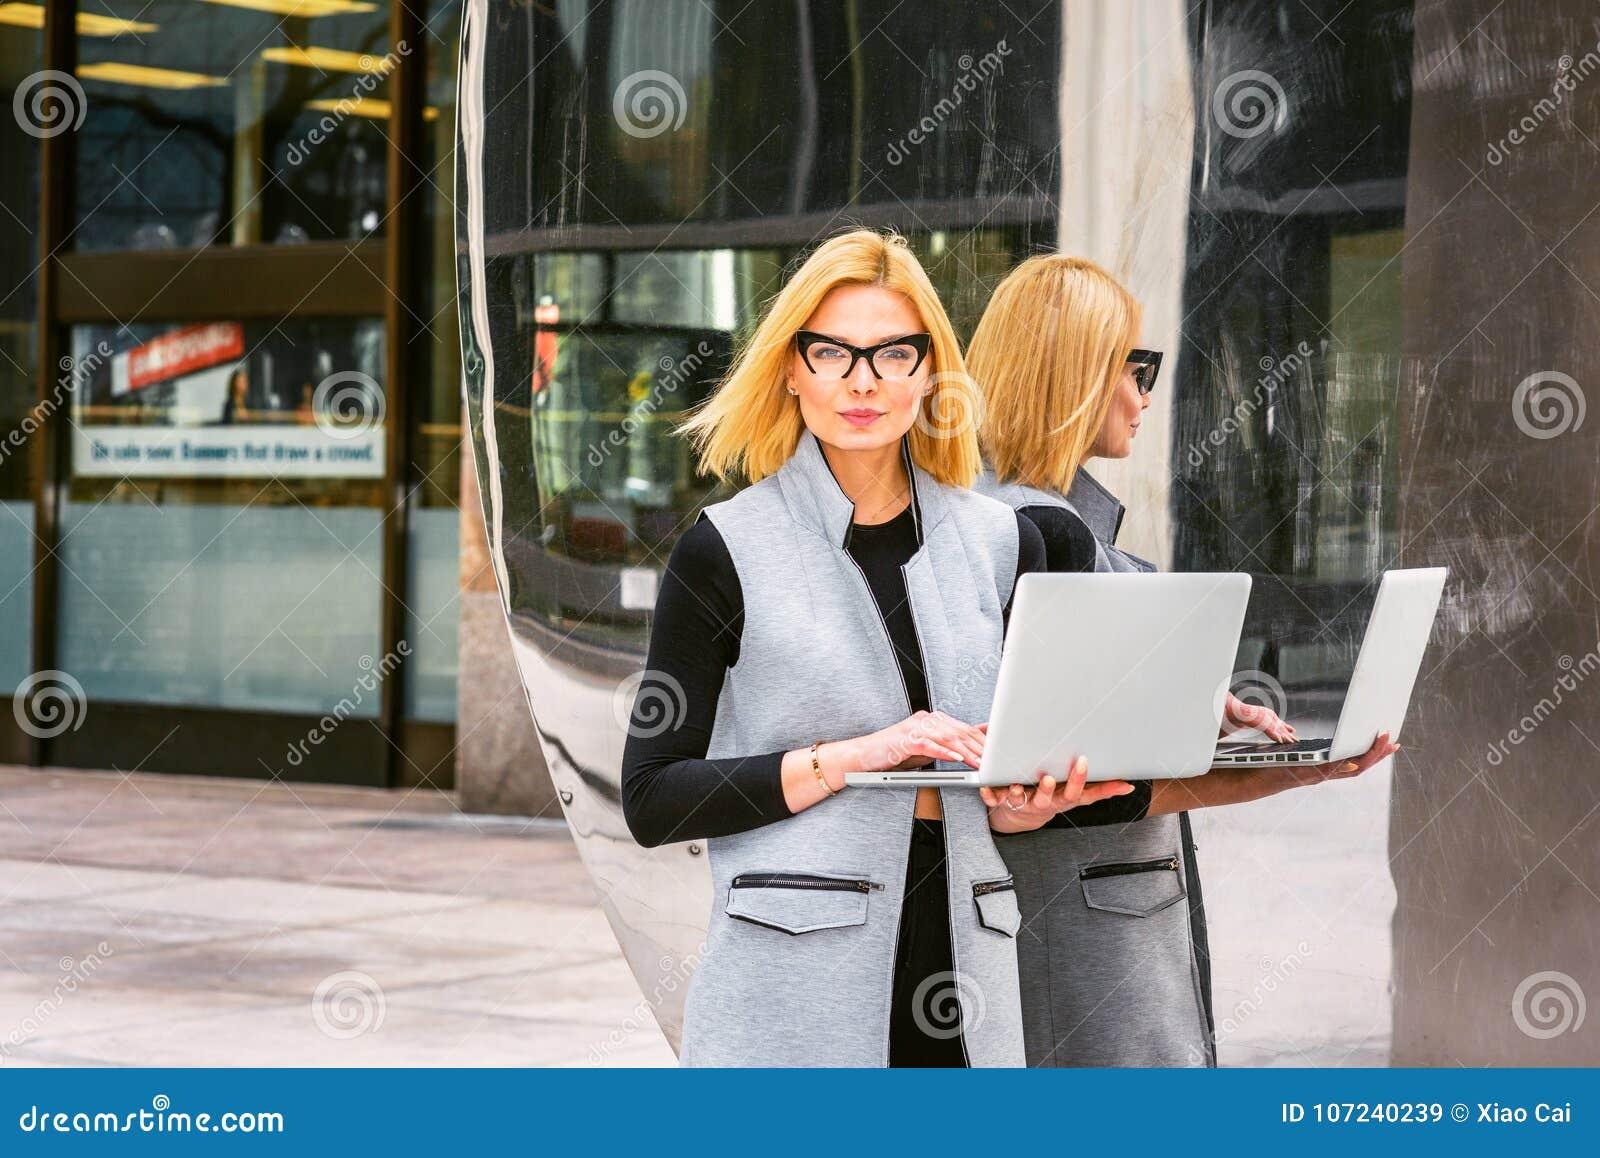 Östligt - europeisk yrkesmässig kvinna som in arbetar på den tekniskt avancerade firman